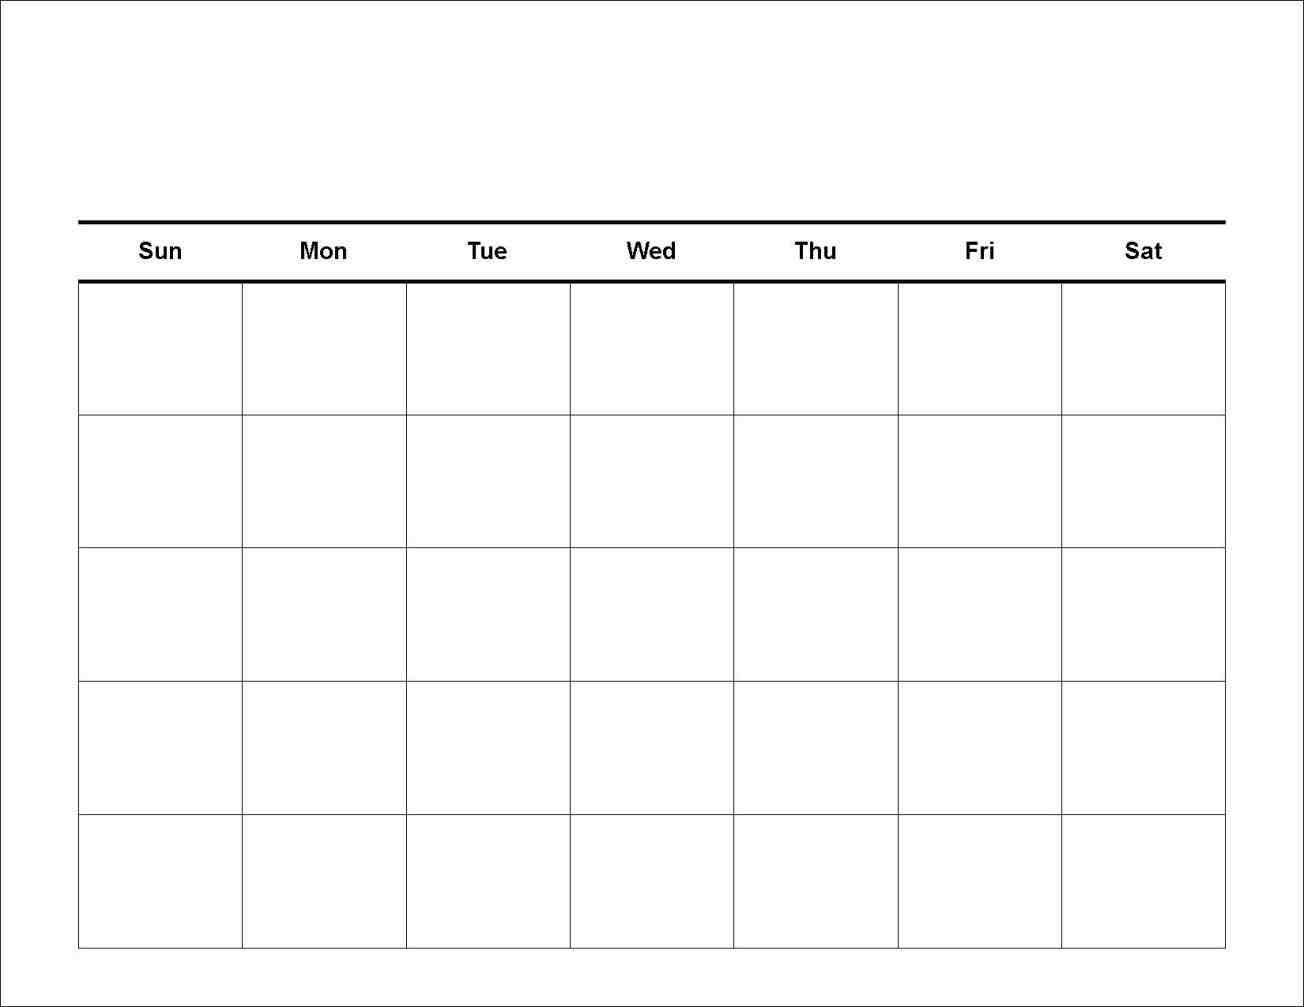 Day Calendar Template Clever Ideas Calendario Escolares Schedule with regard to Blank 7 Day Calendar Template